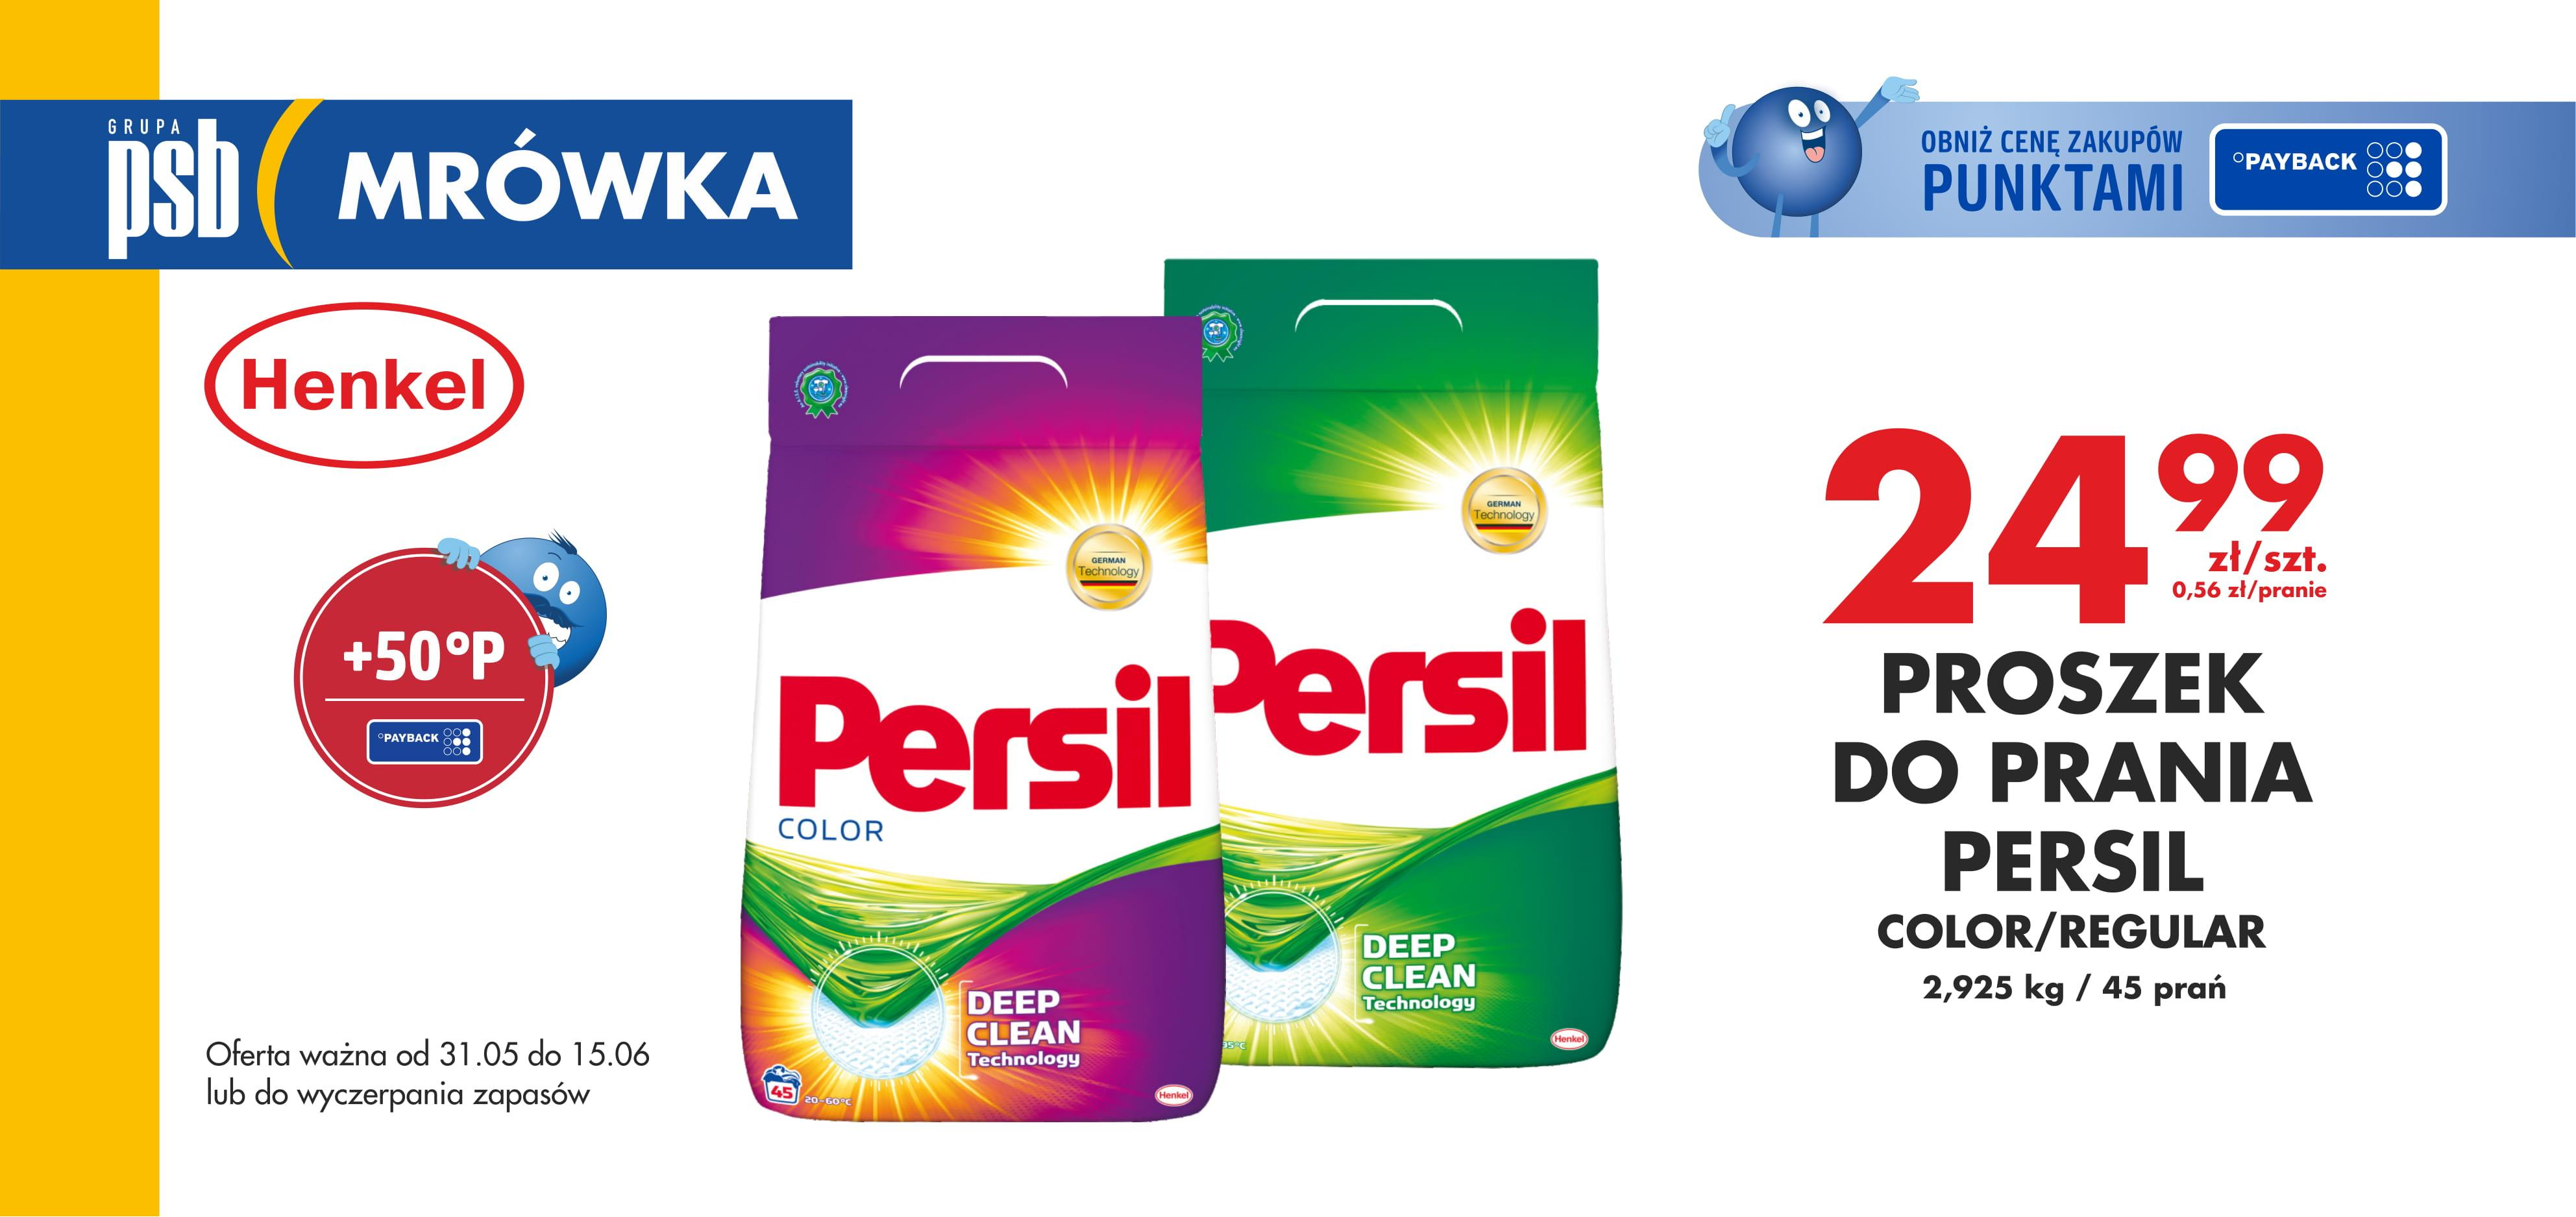 Persil-504x238-1